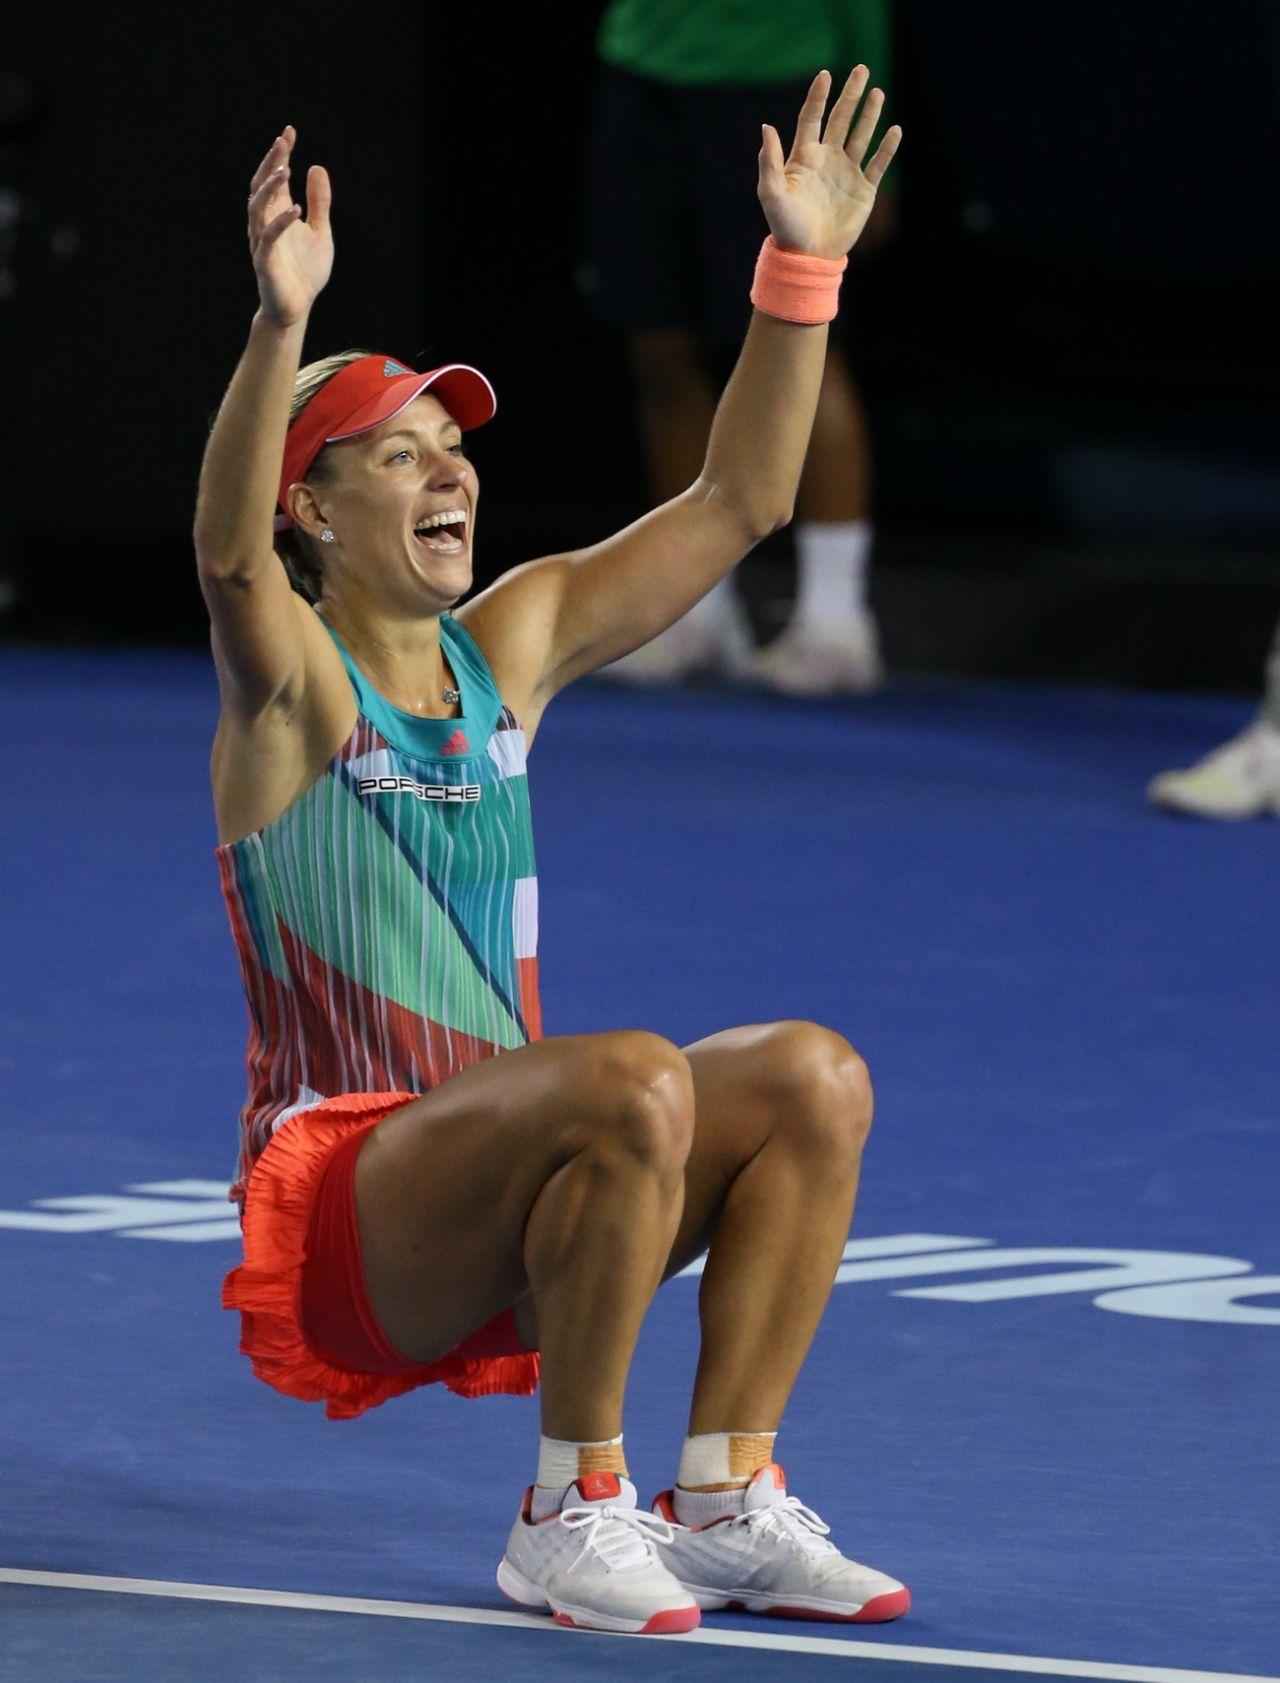 WINNER TENNIS AUSTRALIAN OPEN 2019